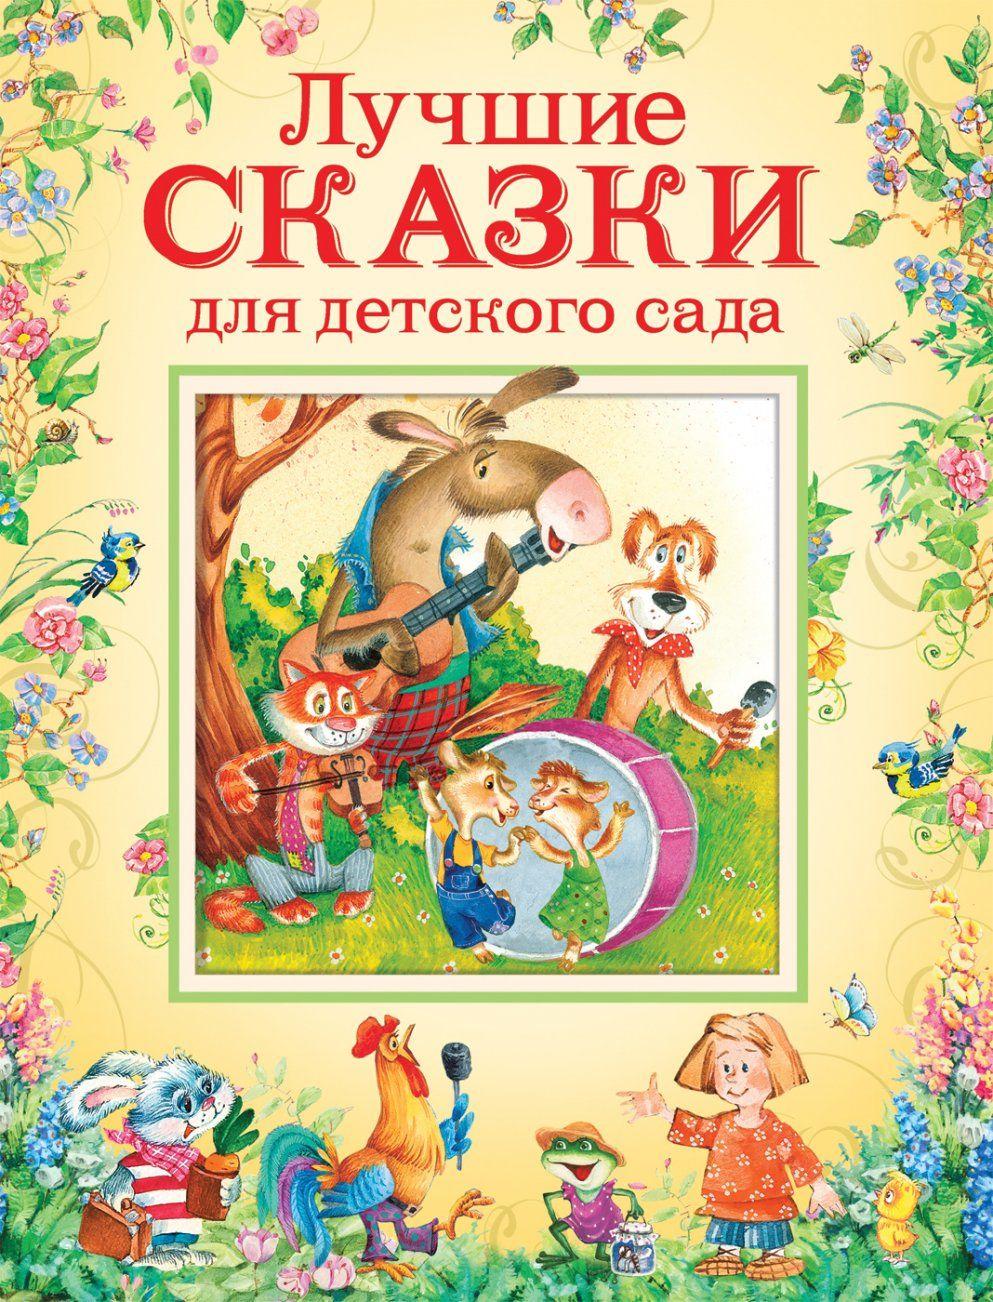 Книга. Лучшие сказки для детского сада